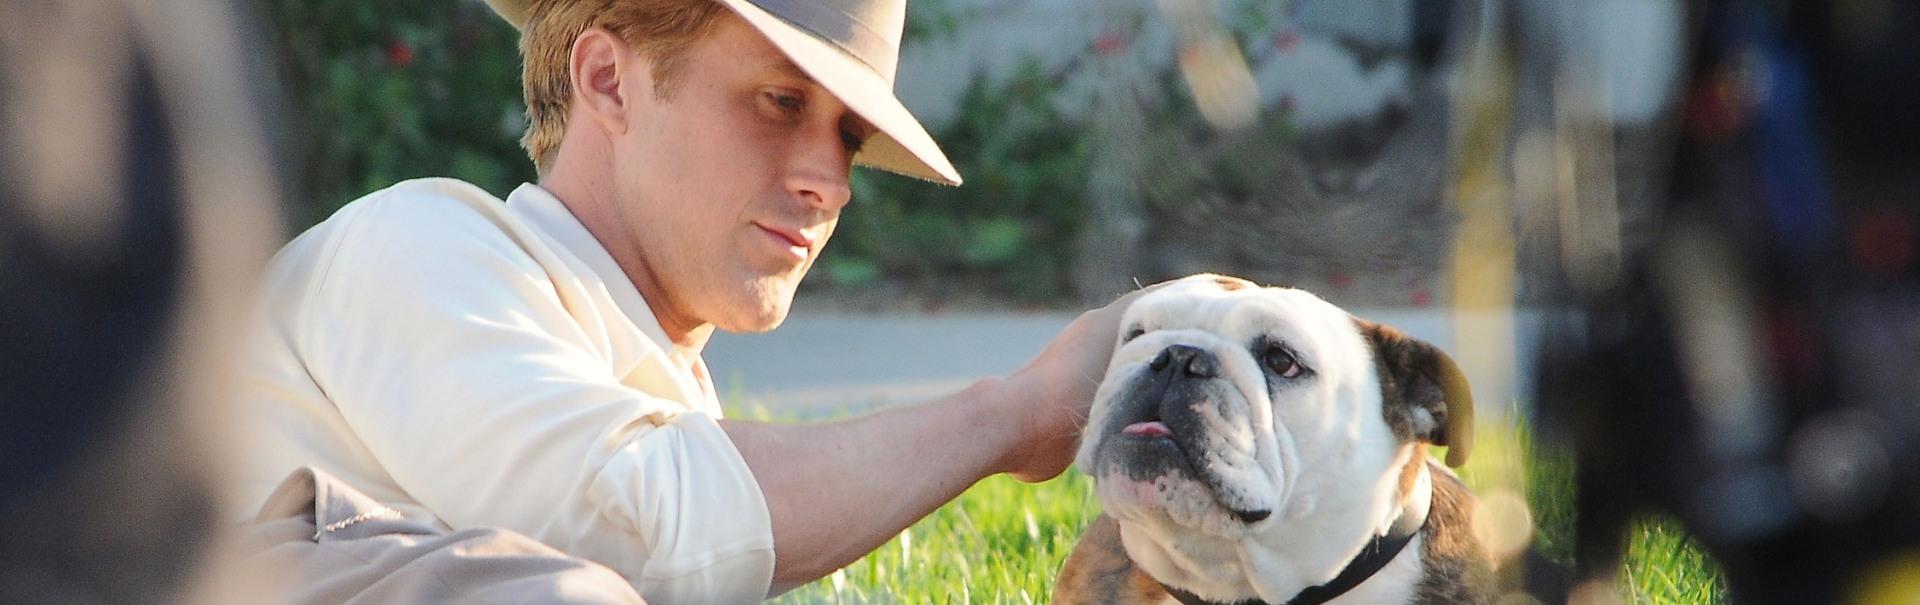 Vedete și animalele de companie: cei mai atrăgători bărbați și câinii lor (Galerie Foto)